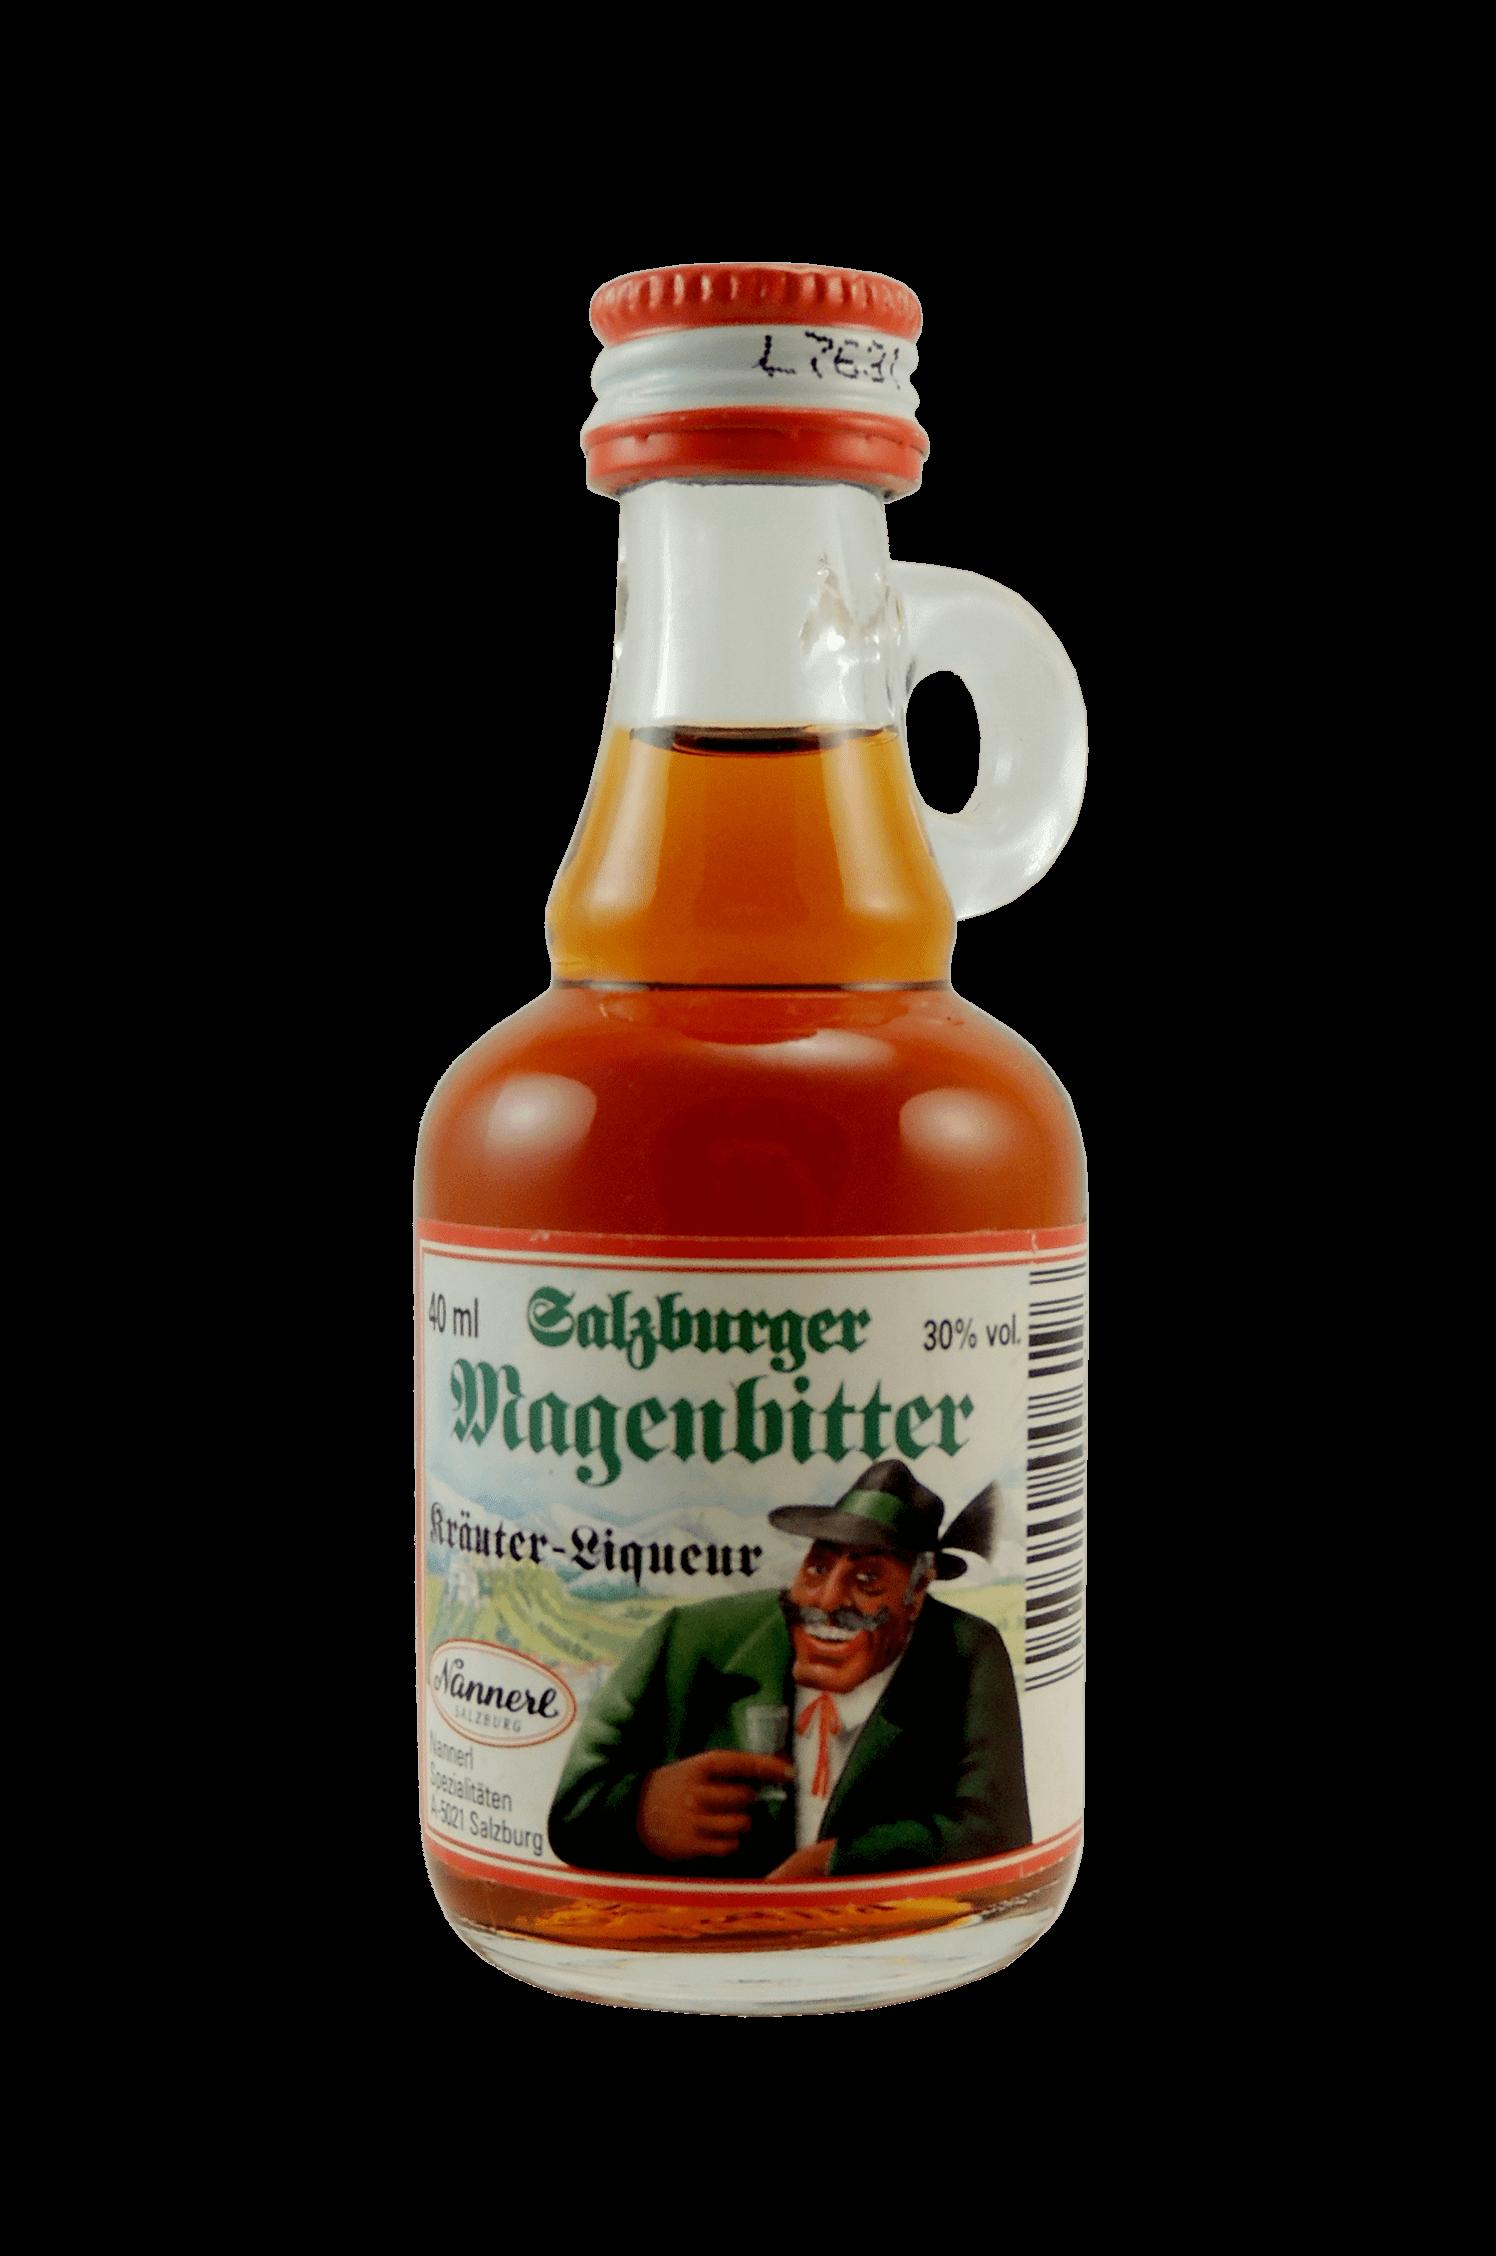 Salzburger Magenbitter